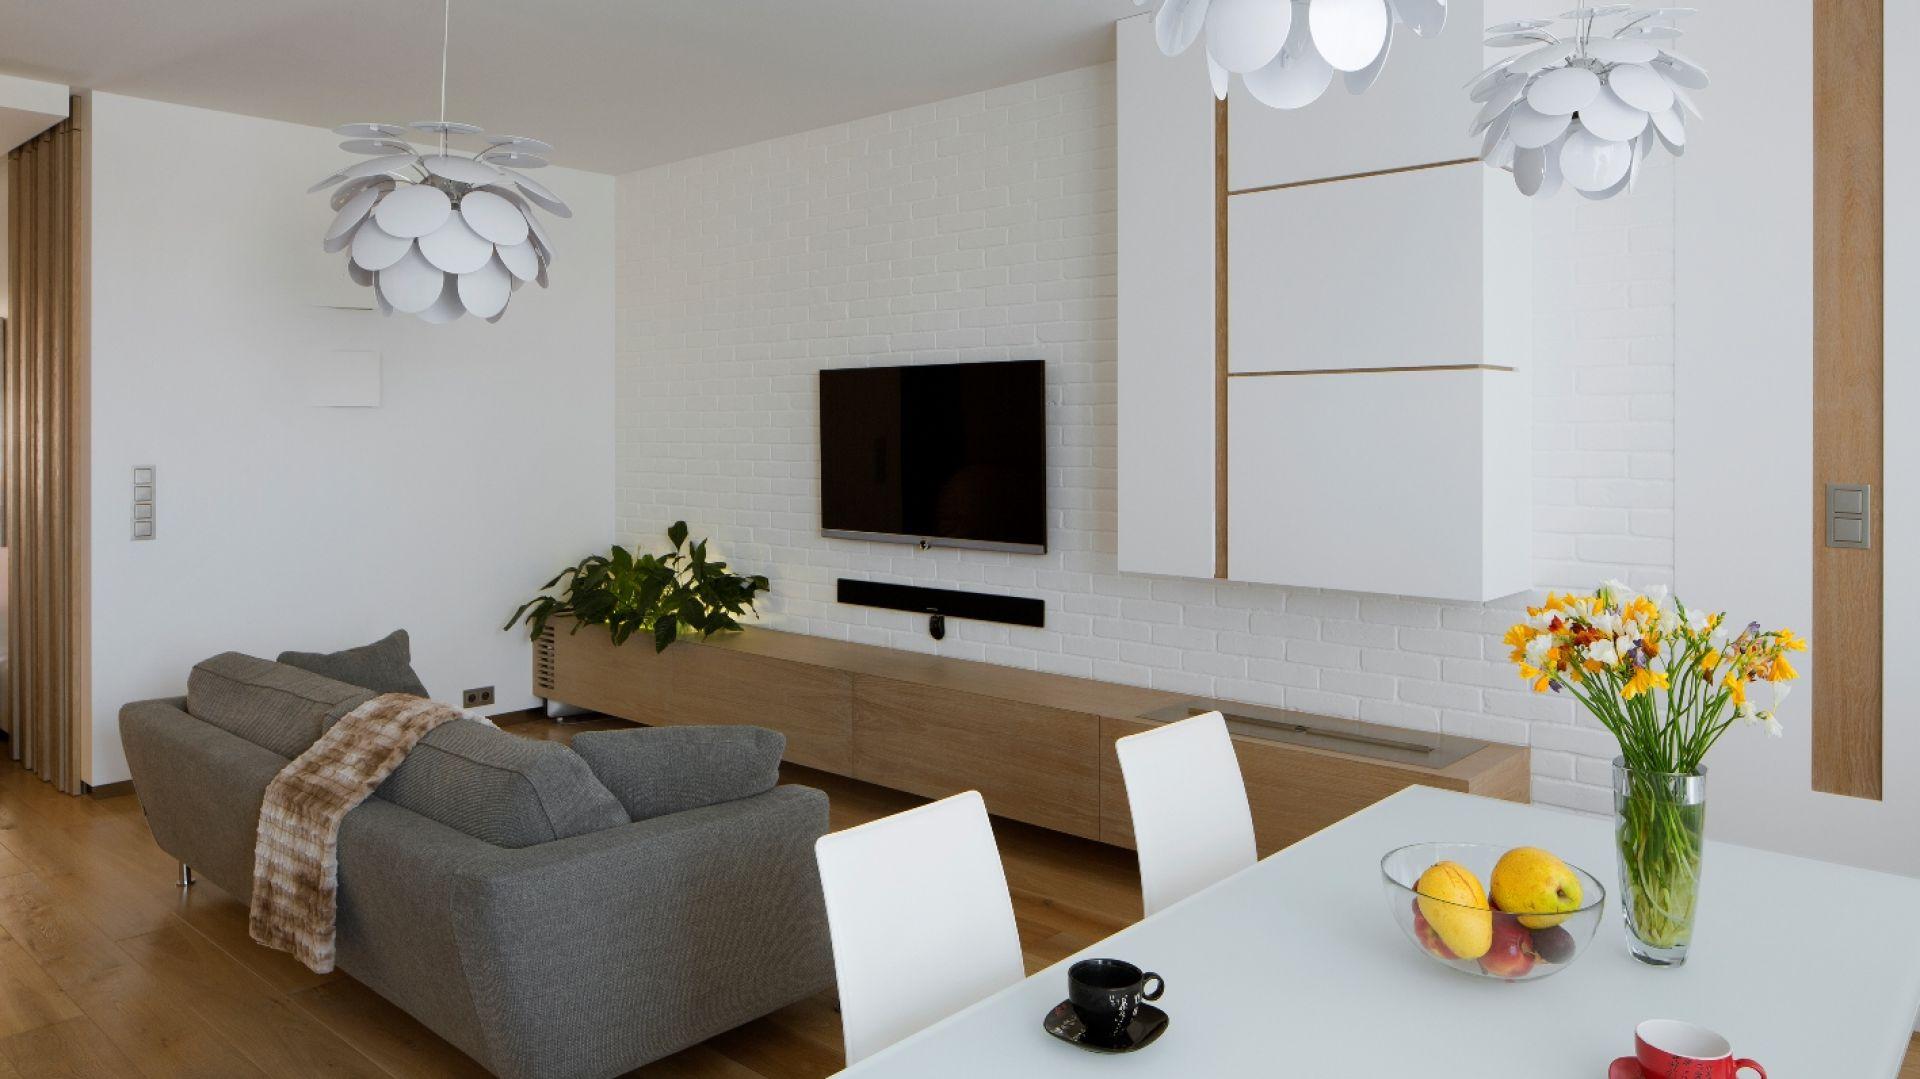 Apartament wykończono w bardzo wysokim standardzie. Ma powierzchnię 150 m2 i składa się z trzech sypialni, salonu z otwartą kuchnią, przedpokoju, dwóch  łazienek i WC oraz trzech garderób. Fot. Inter Arch